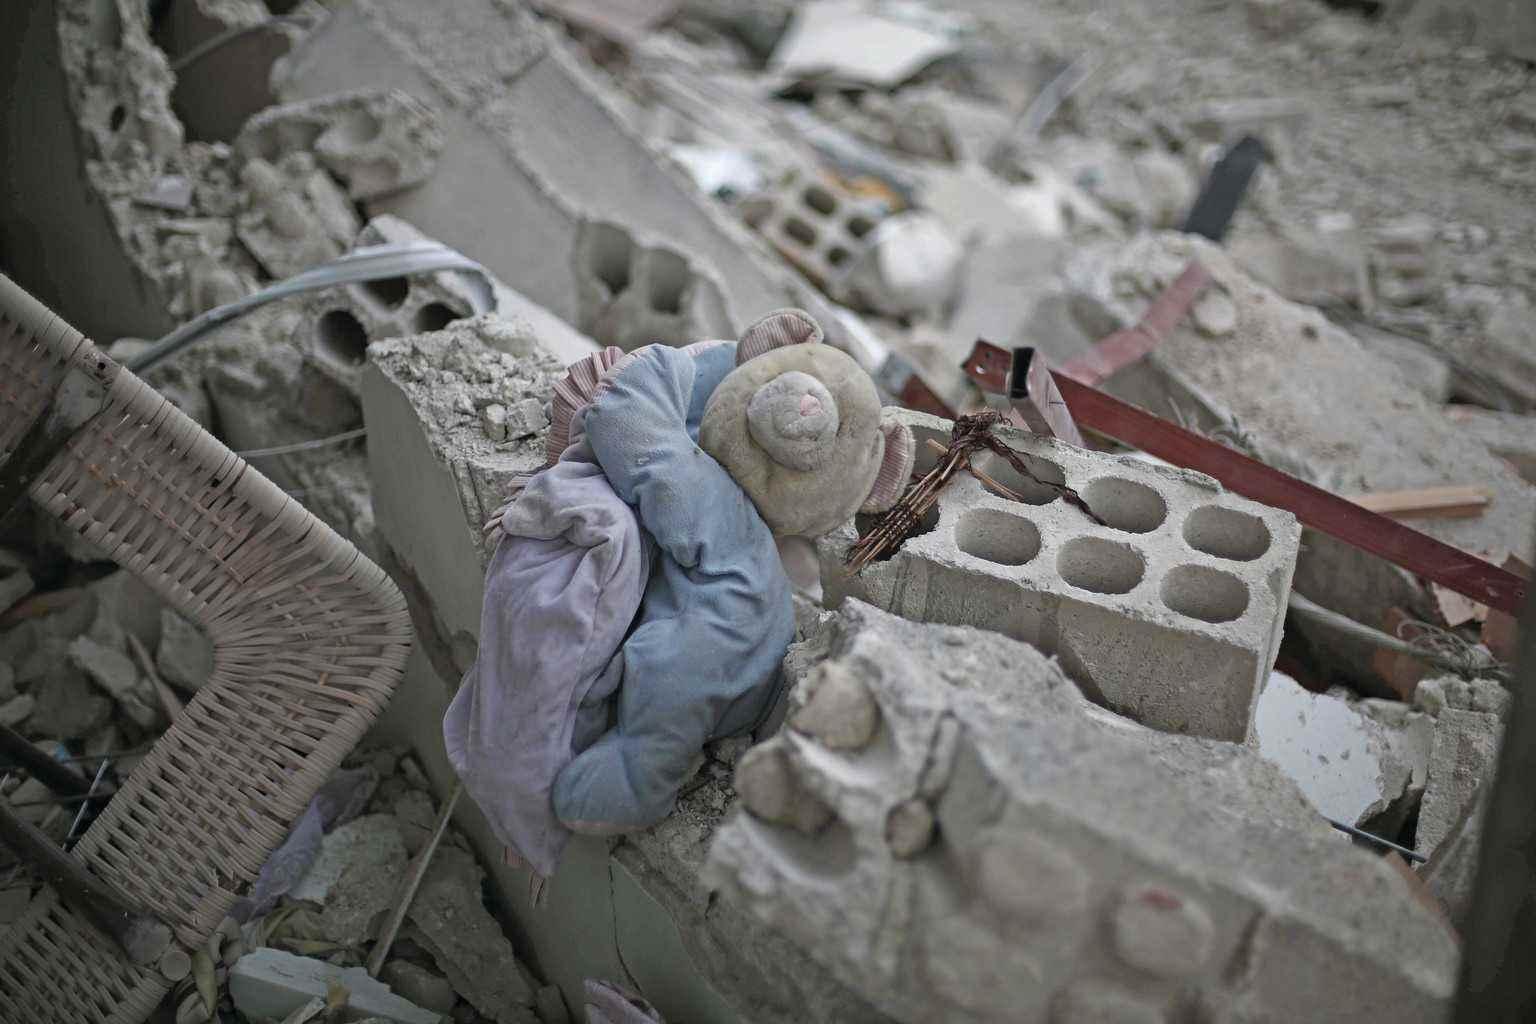 دمية طفل تحت أنقاض مبنى مدمر في الغوطة الشرقية، بريف دمشق- تشرين الأول 2015 (يونيسيف)